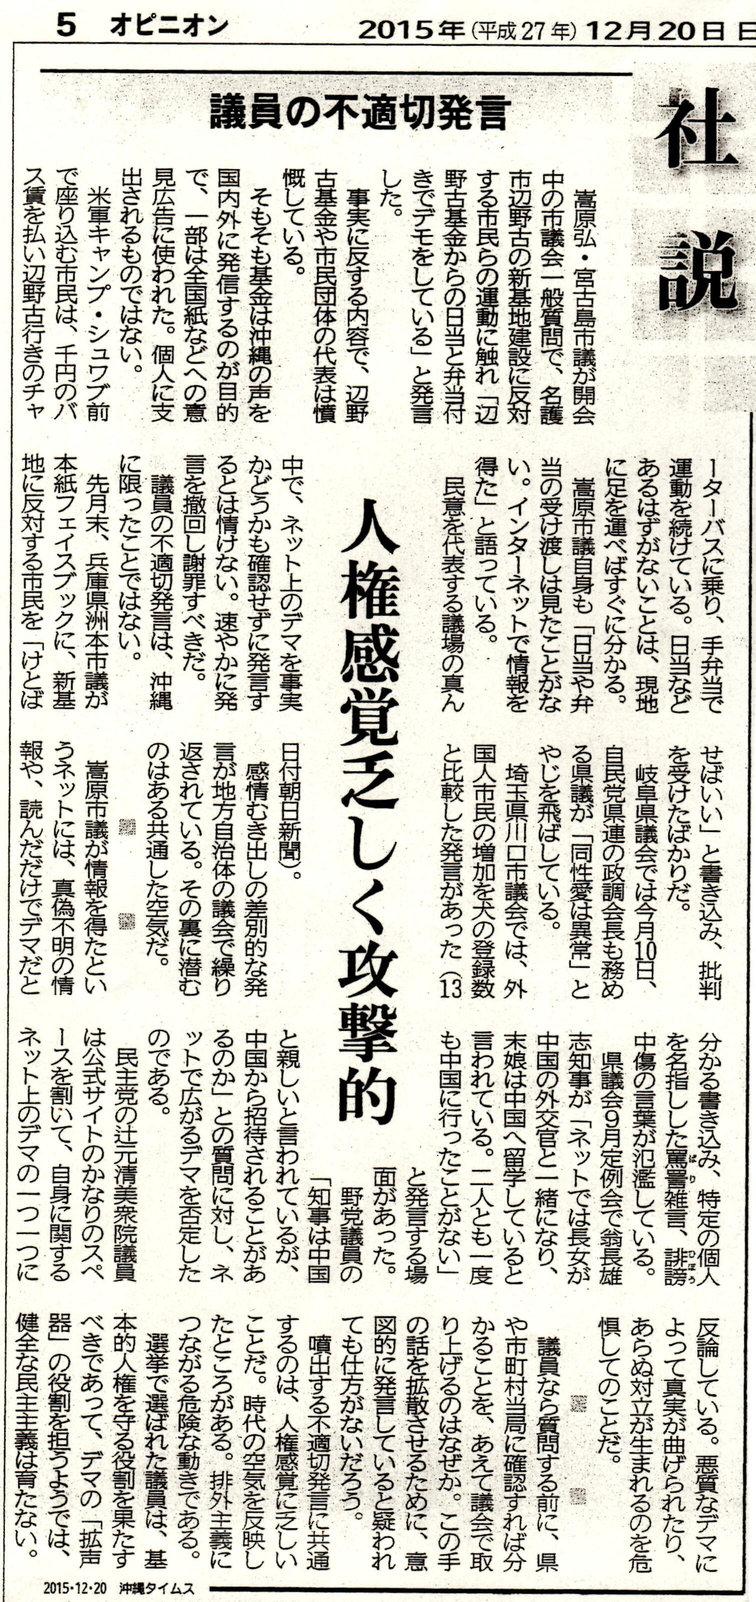 沖縄タイムス2015 1220